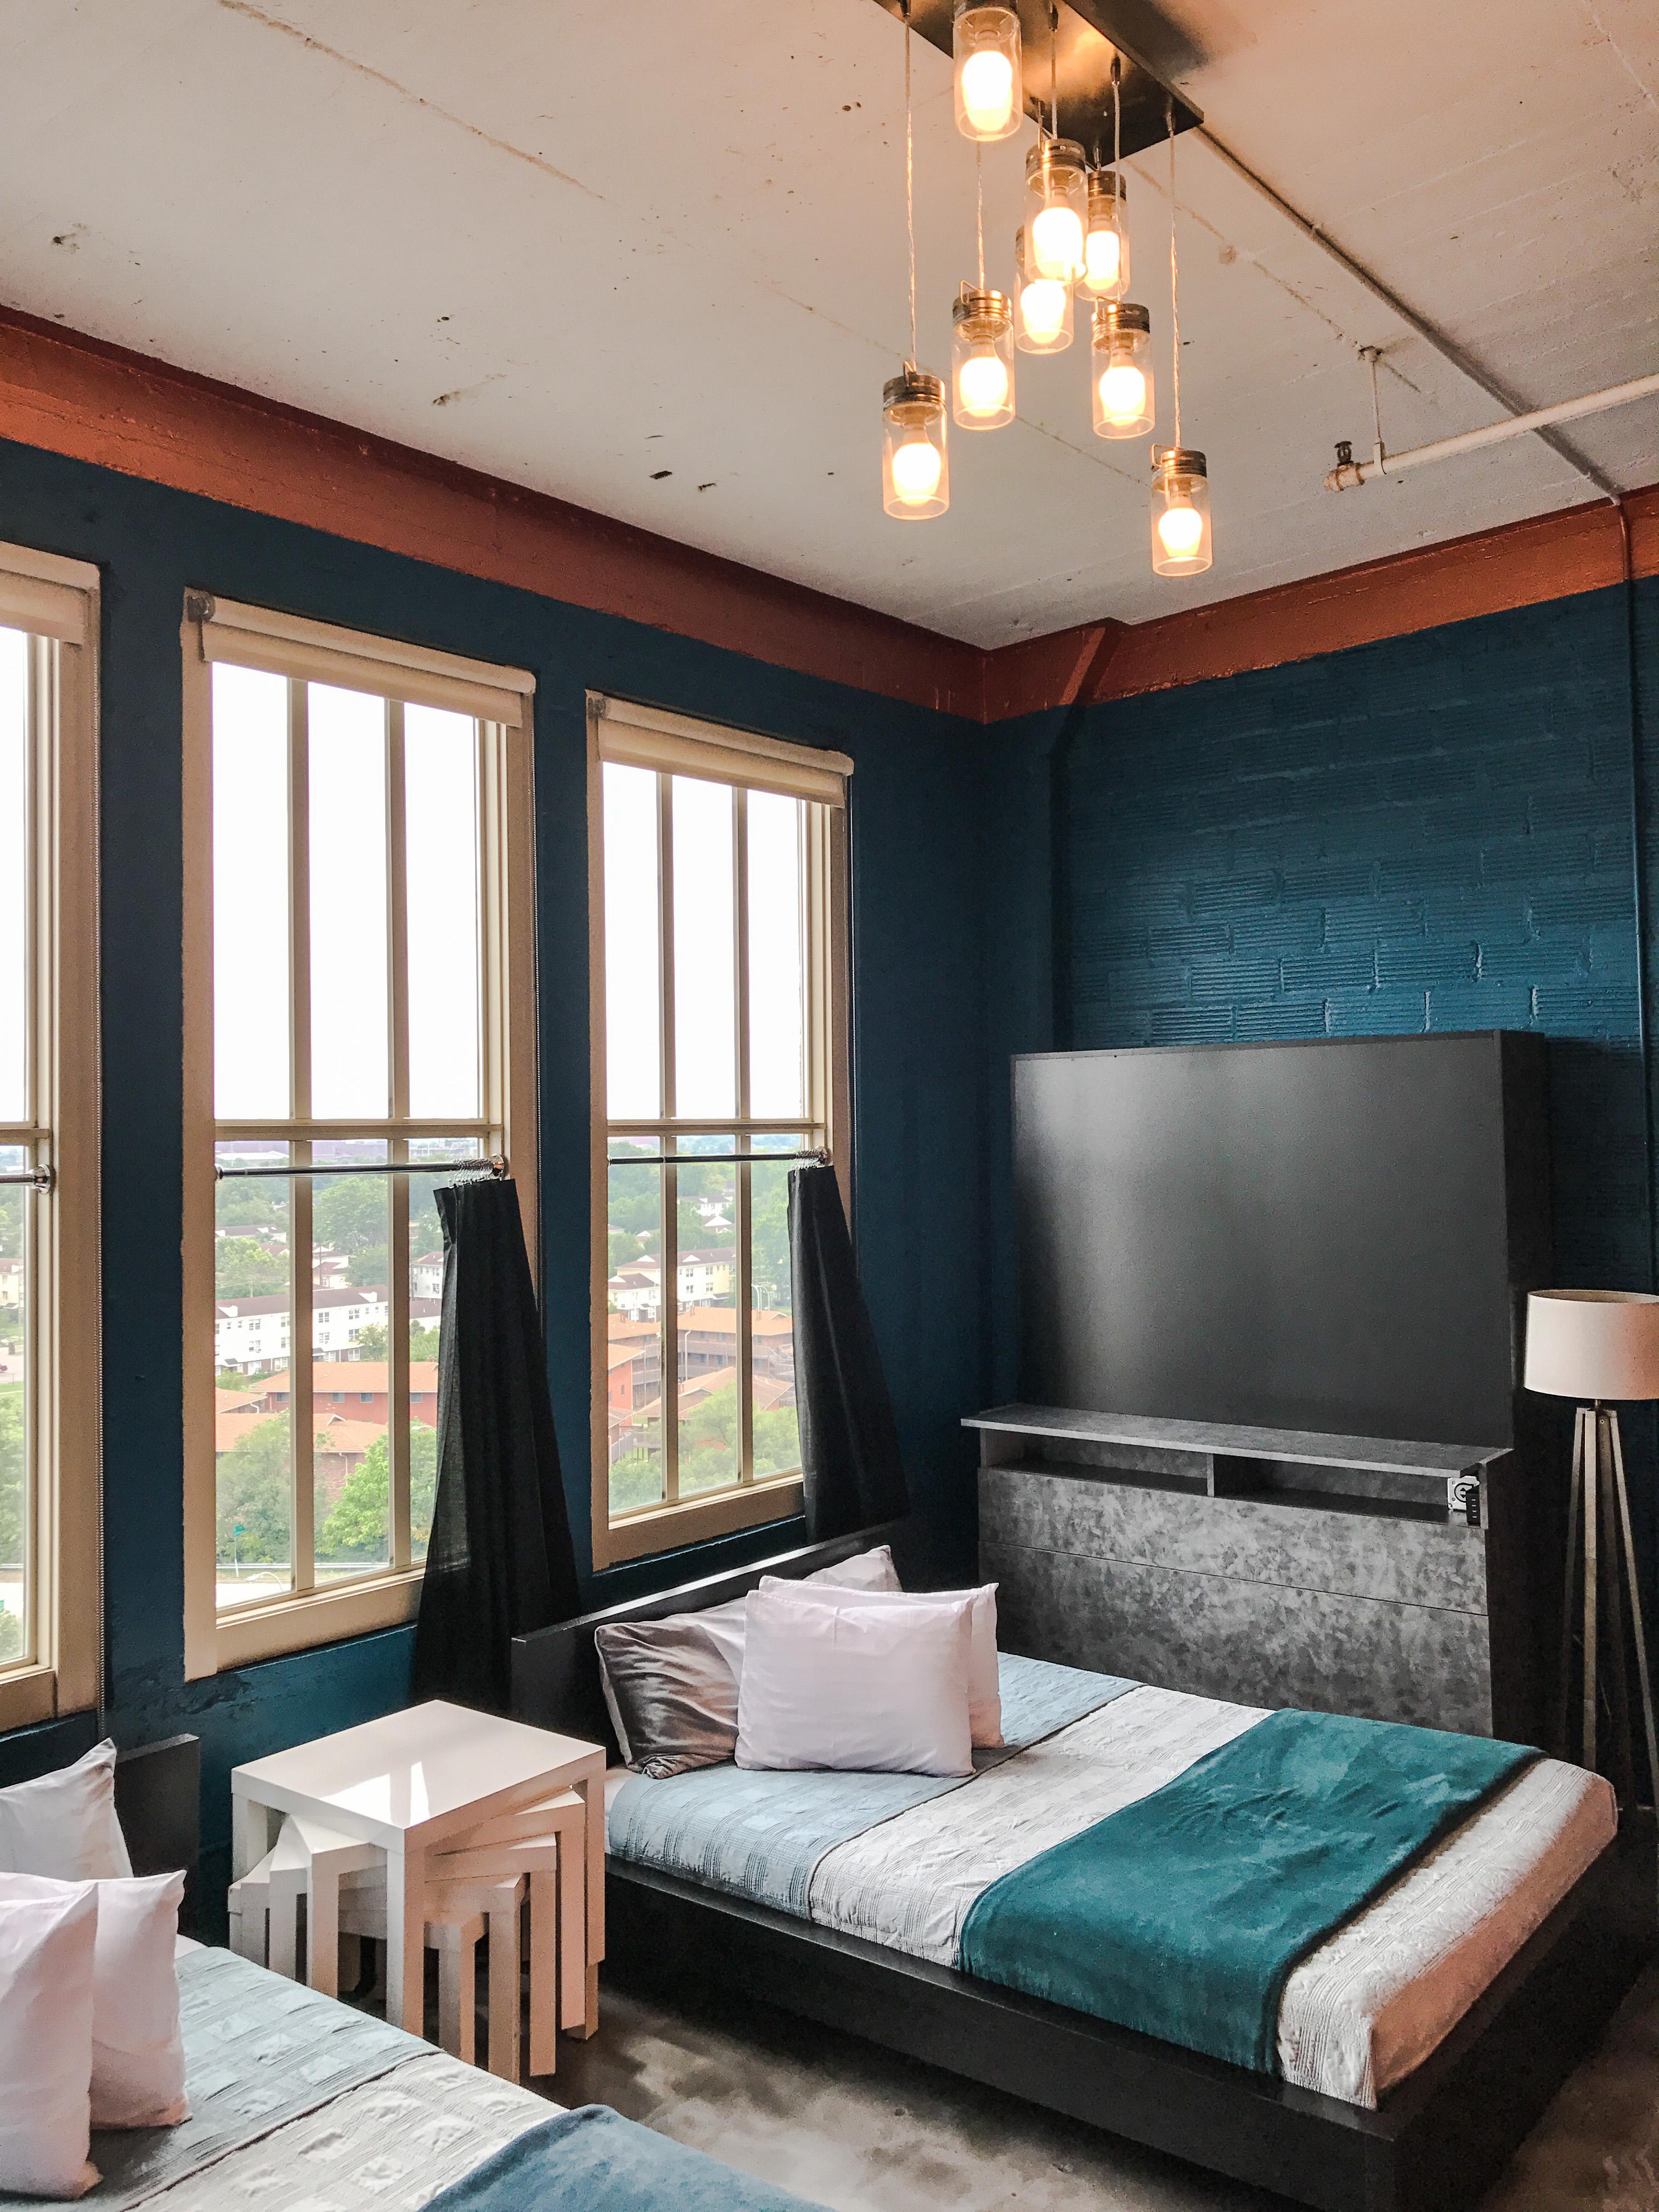 Loft Reverie Hotel 806 - Green + City + Views + Natural Lighting + Queen Memory Foam Beds